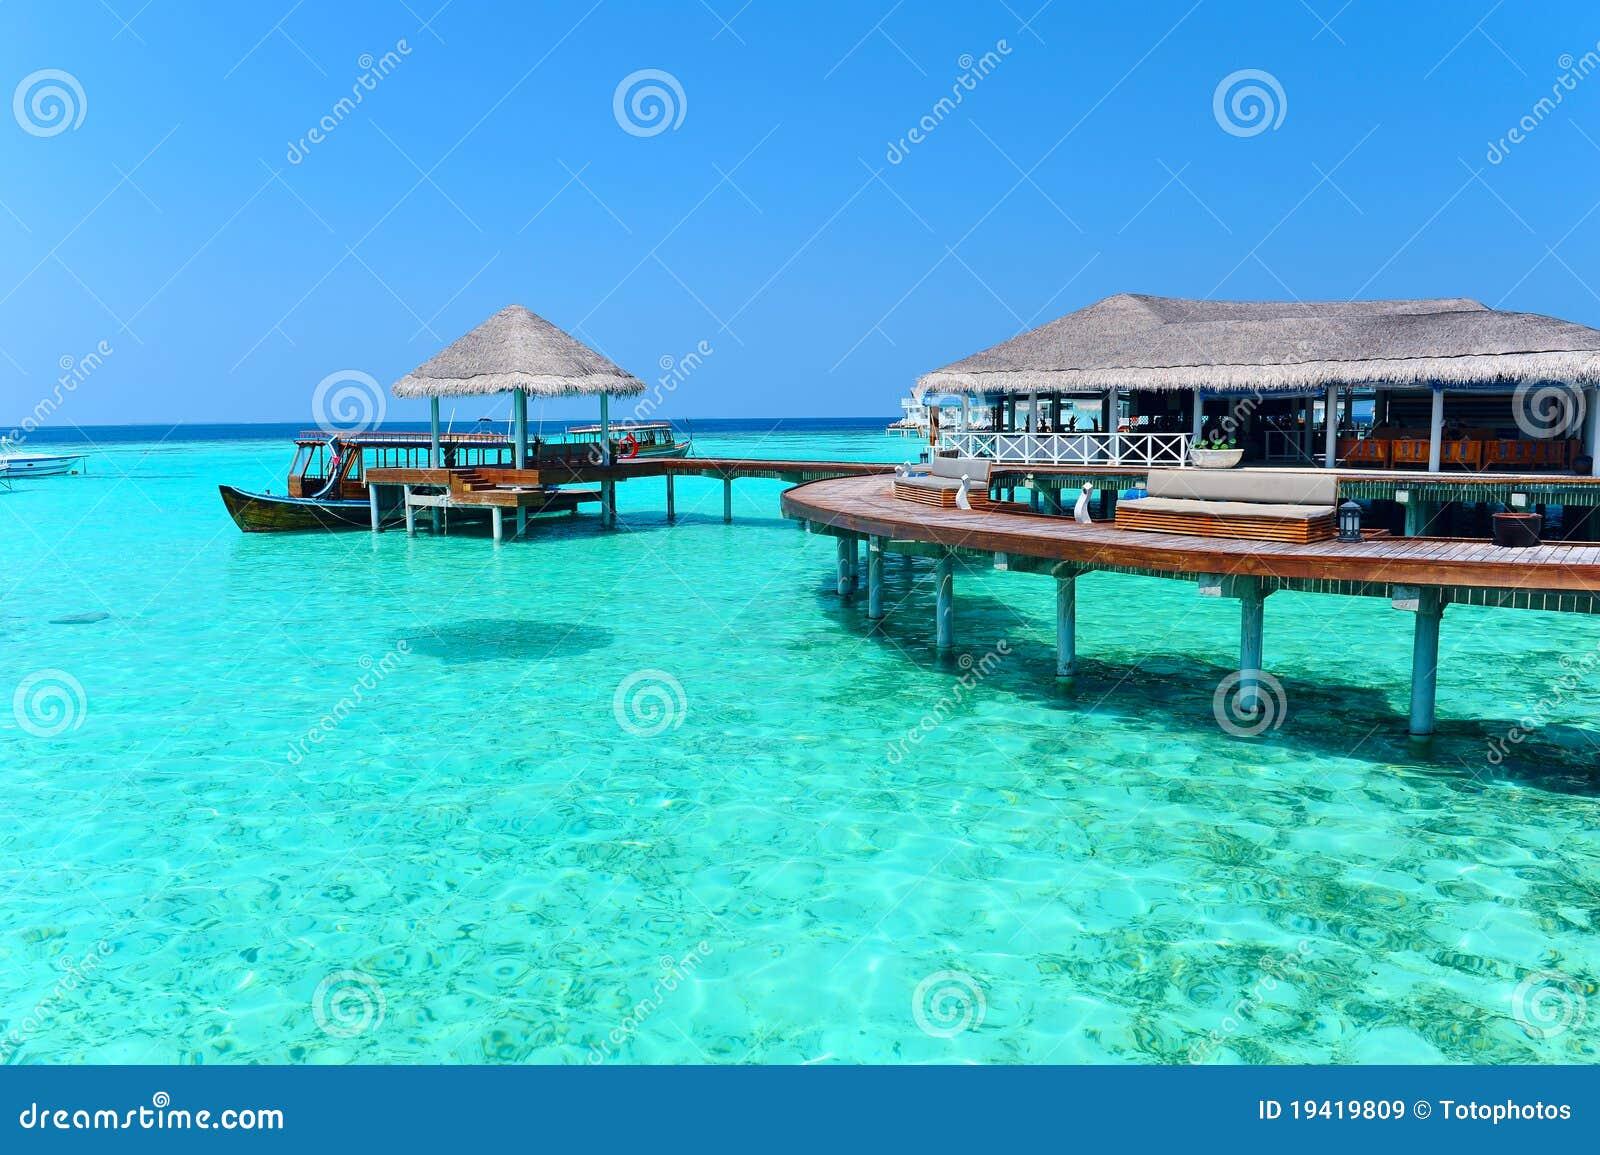 Villa maldive dell 39 acqua bungalow immagini stock libere for Fantastici disegni di bungalow